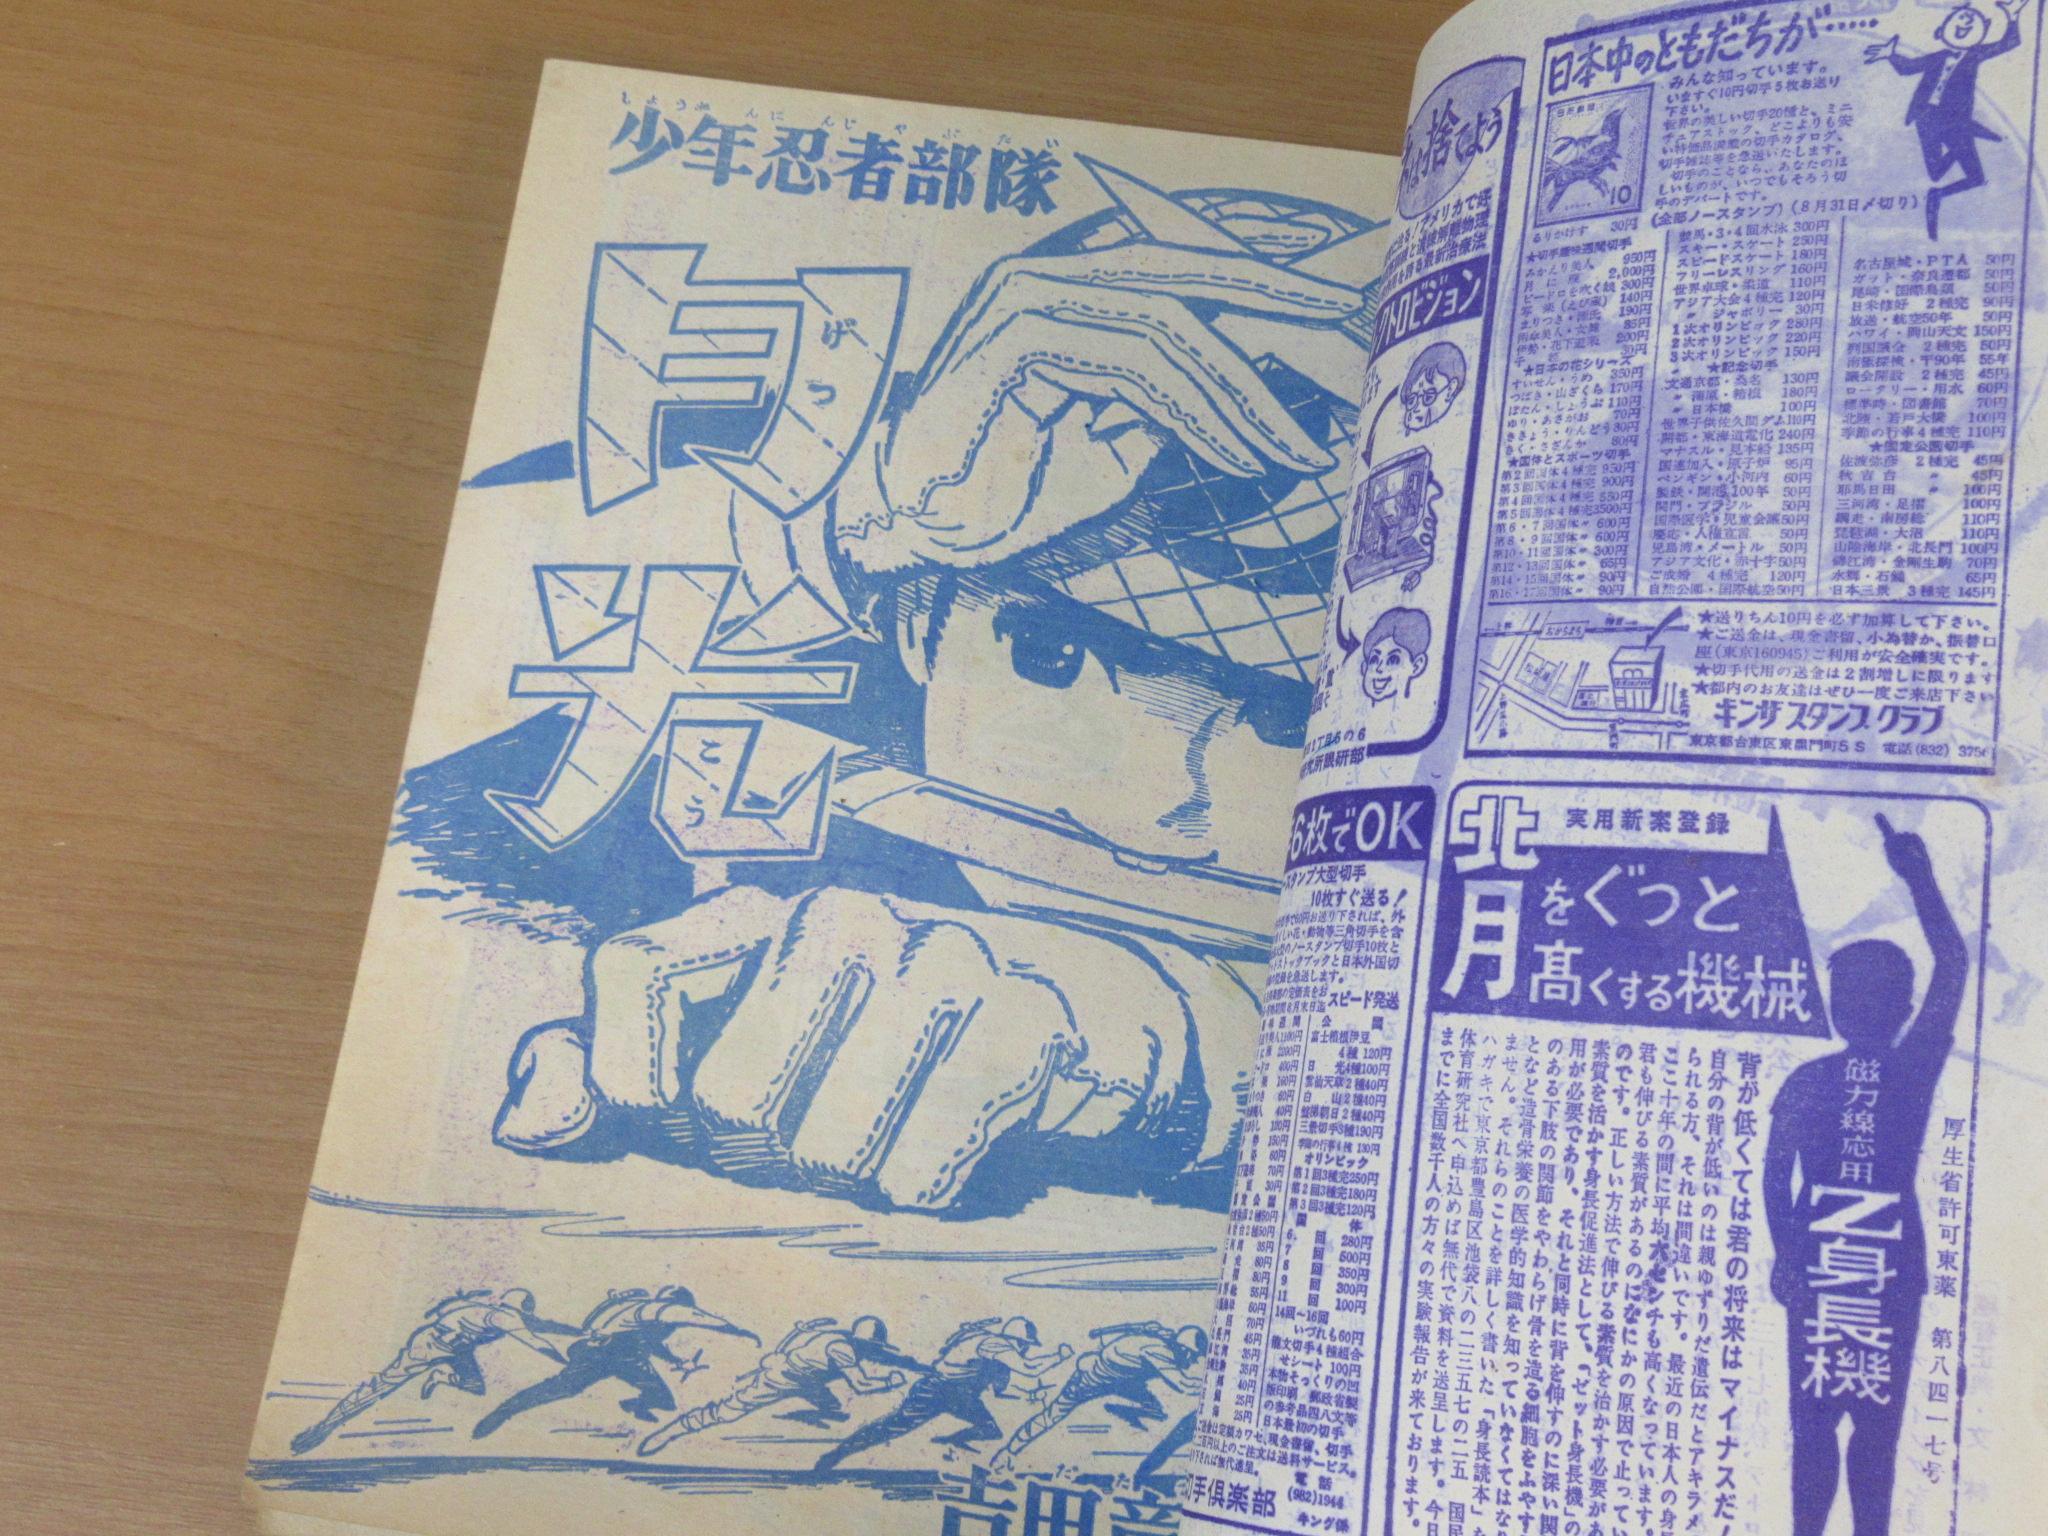 少年忍者部隊月光 週刊少年キング創刊号